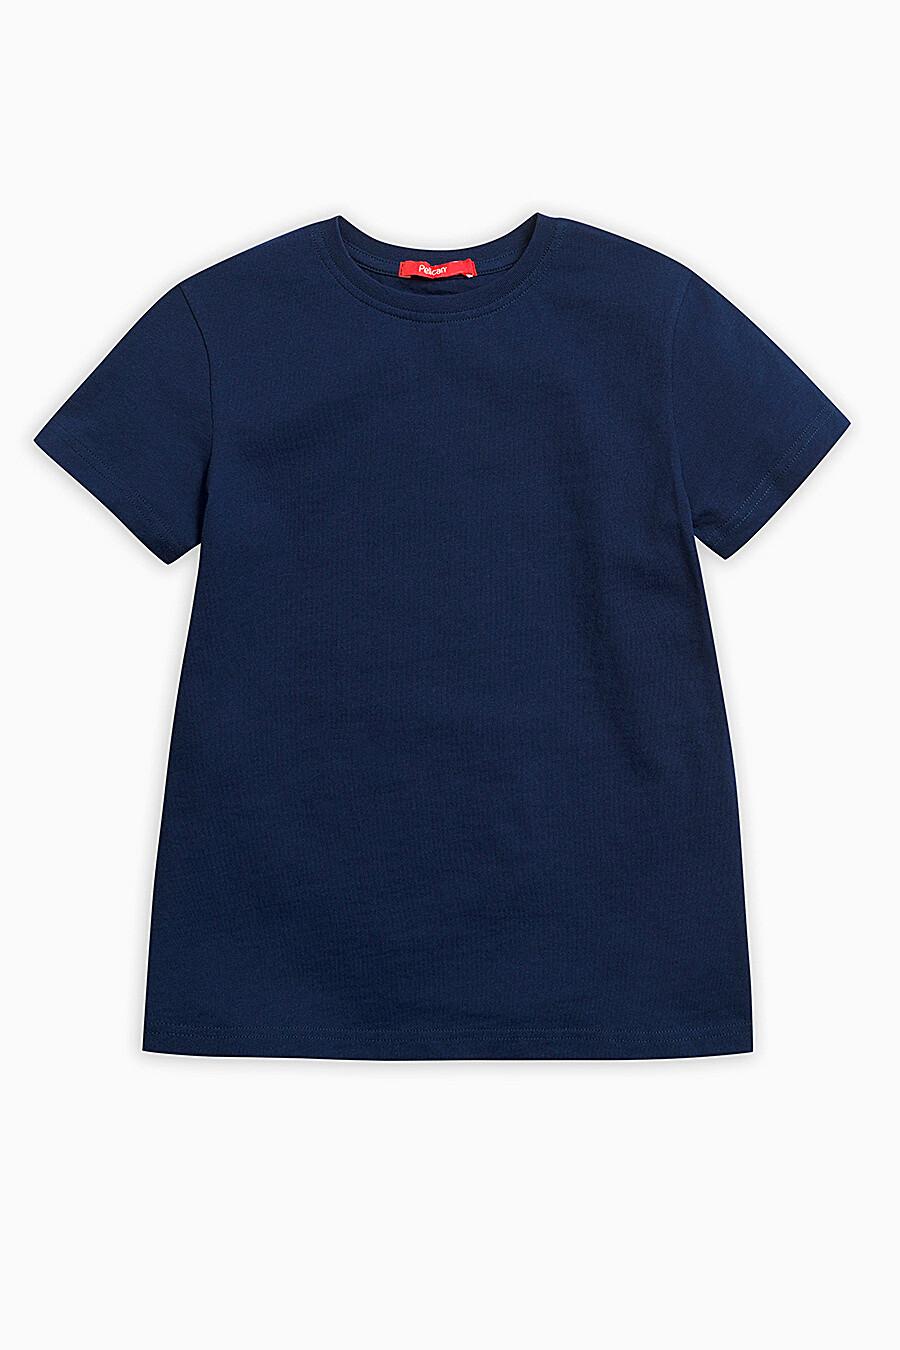 Футболка для мальчиков PELICAN 218588 купить оптом от производителя. Совместная покупка детской одежды в OptMoyo